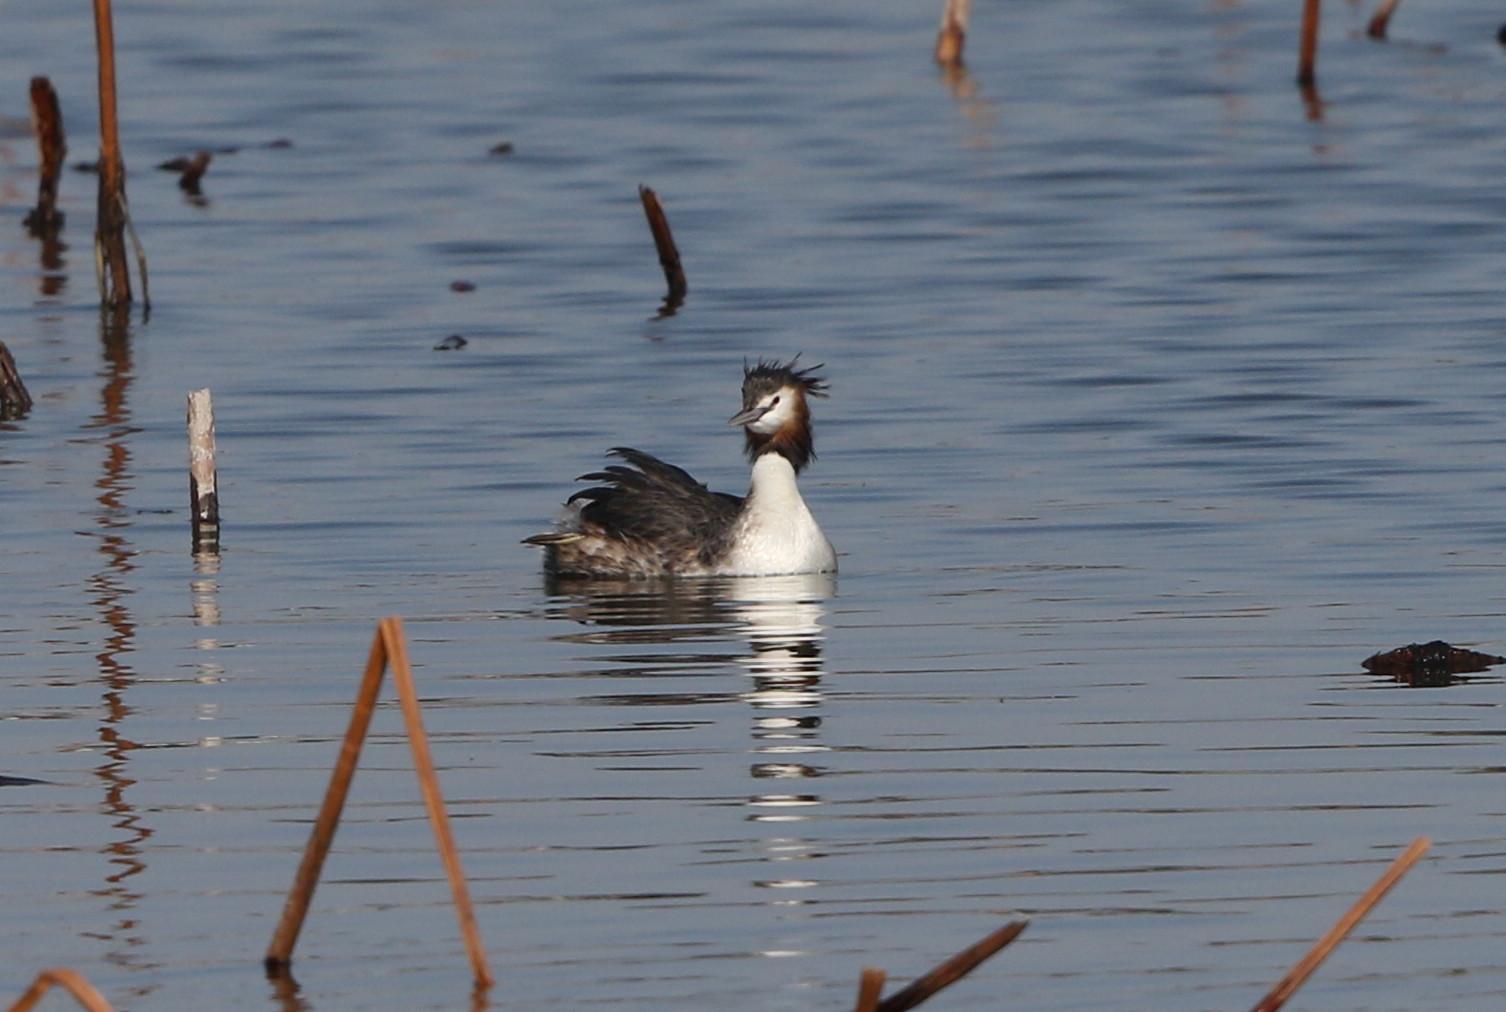 MFの沼で冬鳥(ミコアイサ・カンムリカイツブリを撮る)_f0239515_1814178.jpg